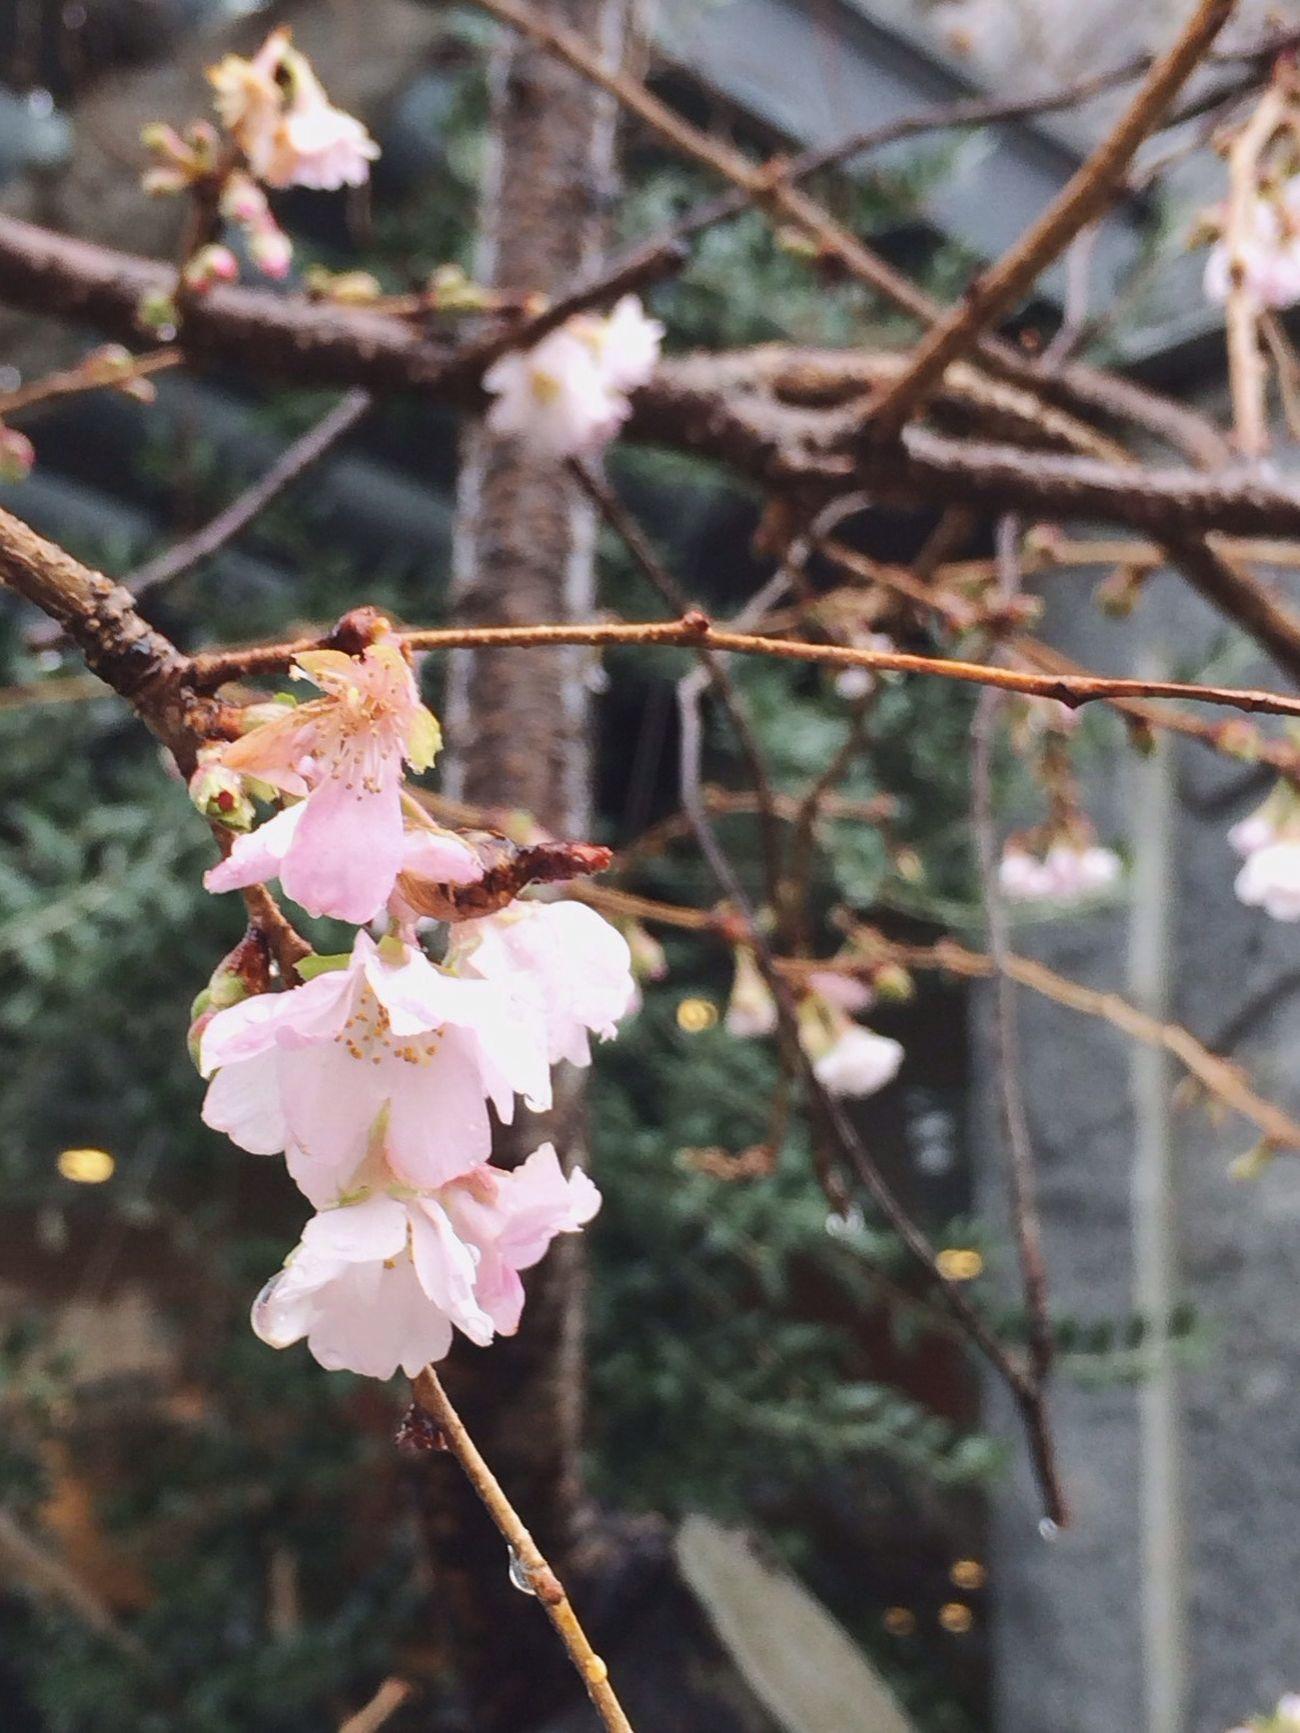 見つけた…冬桜。 Urban Nature Sakura